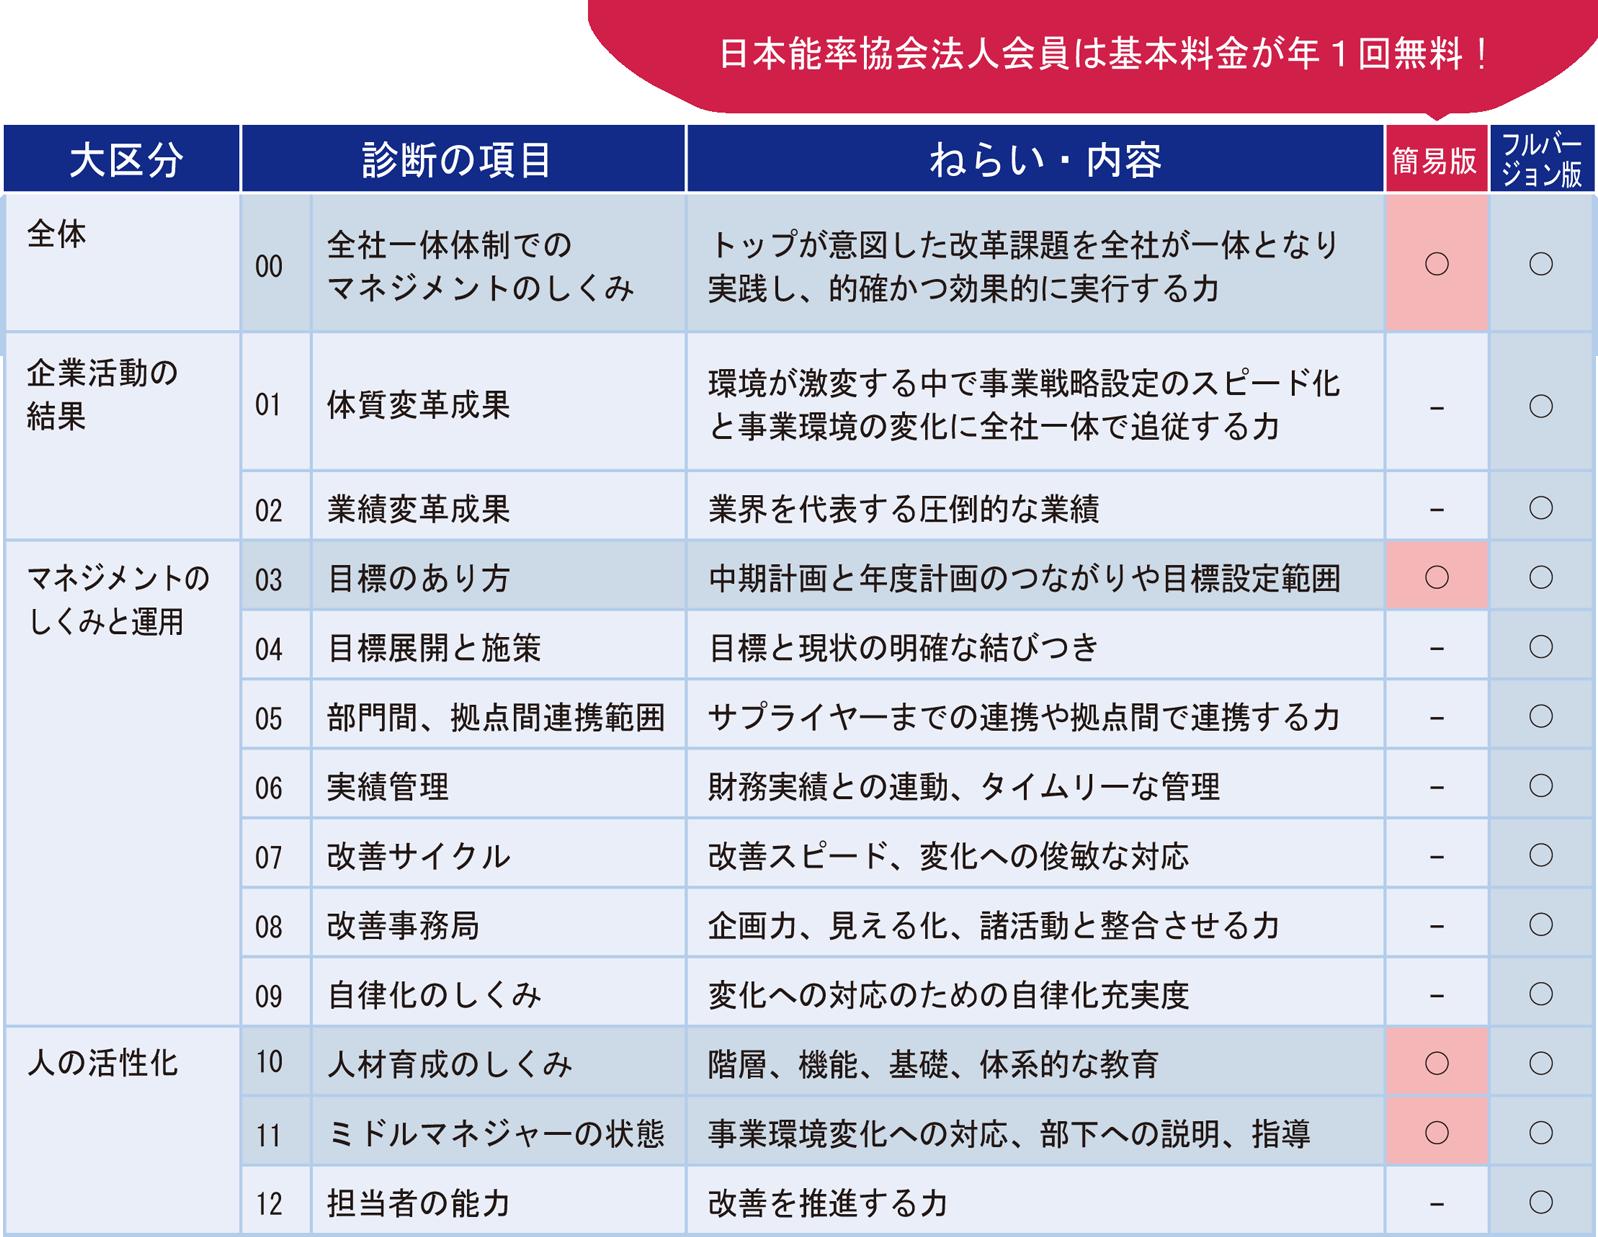 項目一覧表